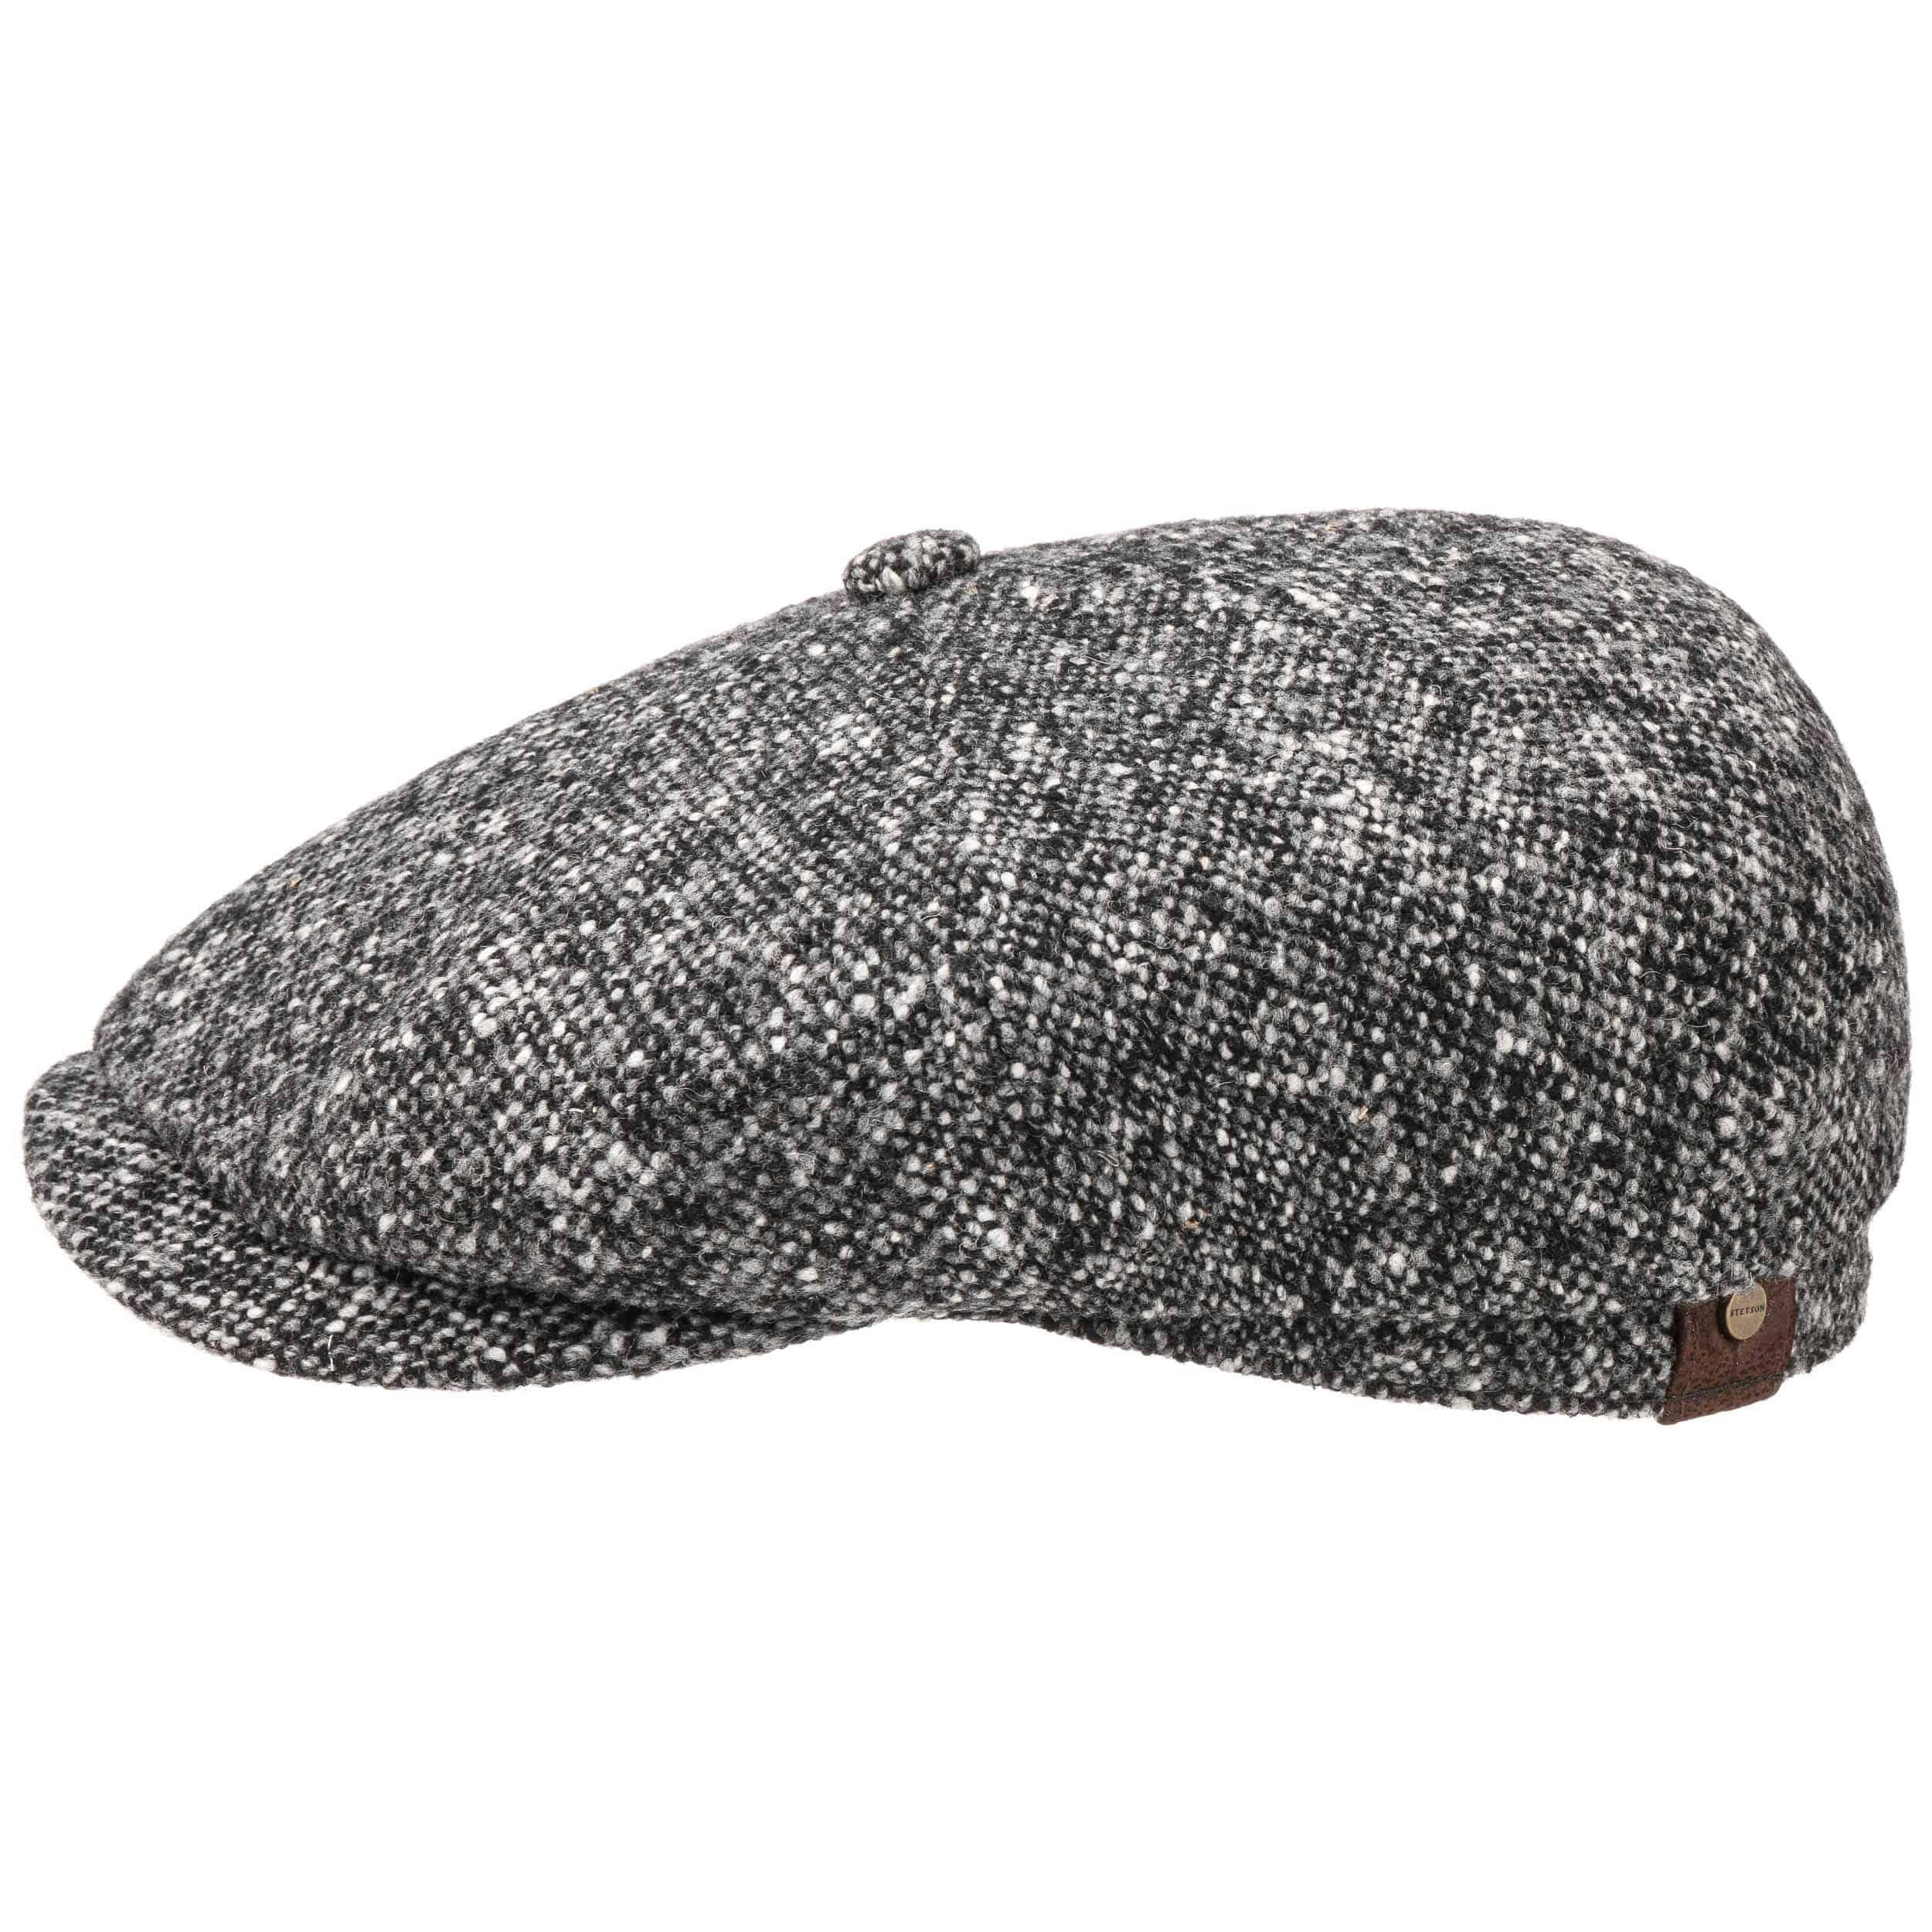 Hatteras Donegal Schirmmütze schwarz